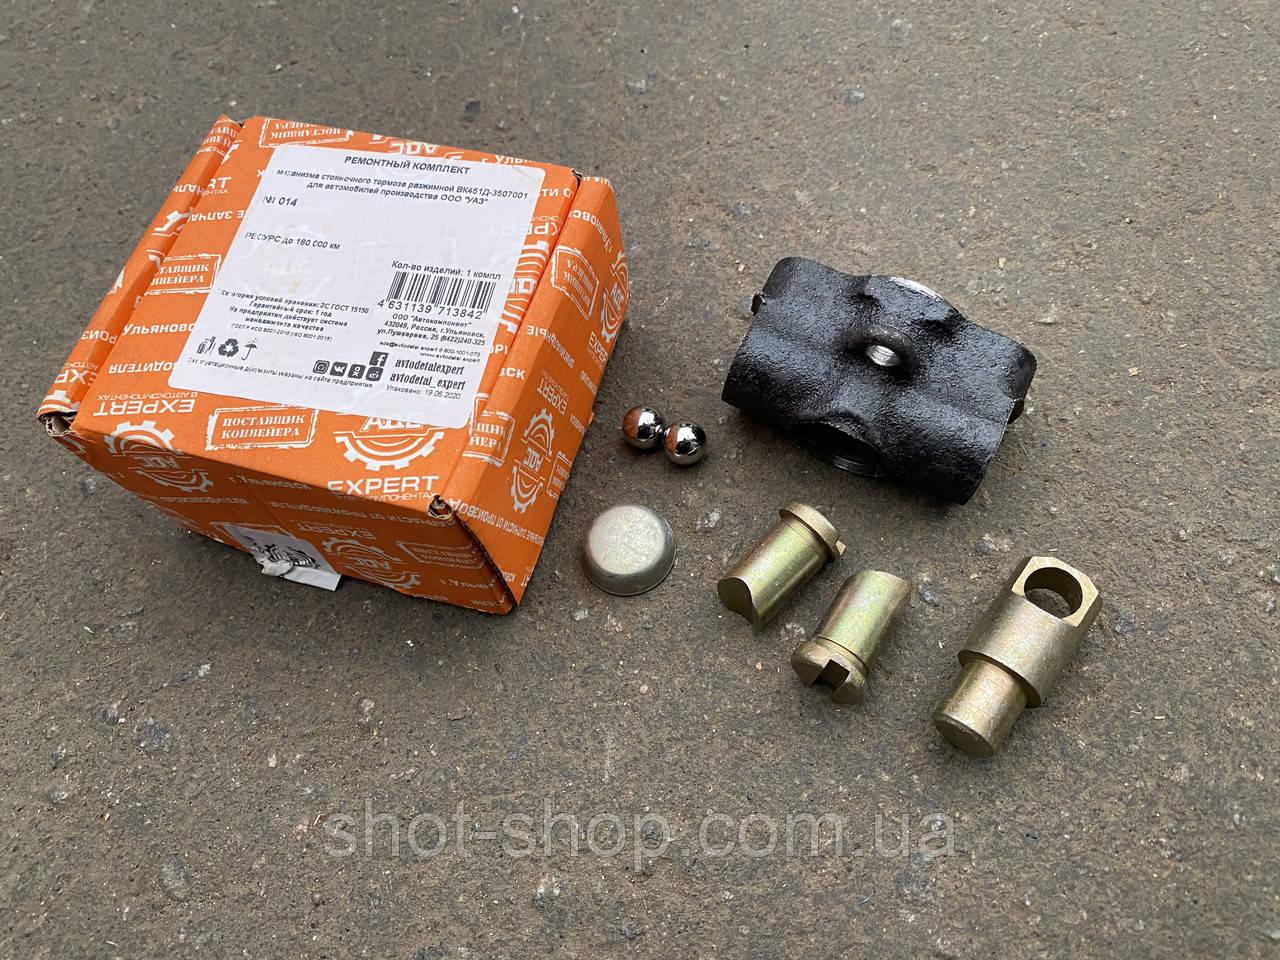 Цилиндр стояночного тормоза (разжимной) УАЗ 452.469.3163